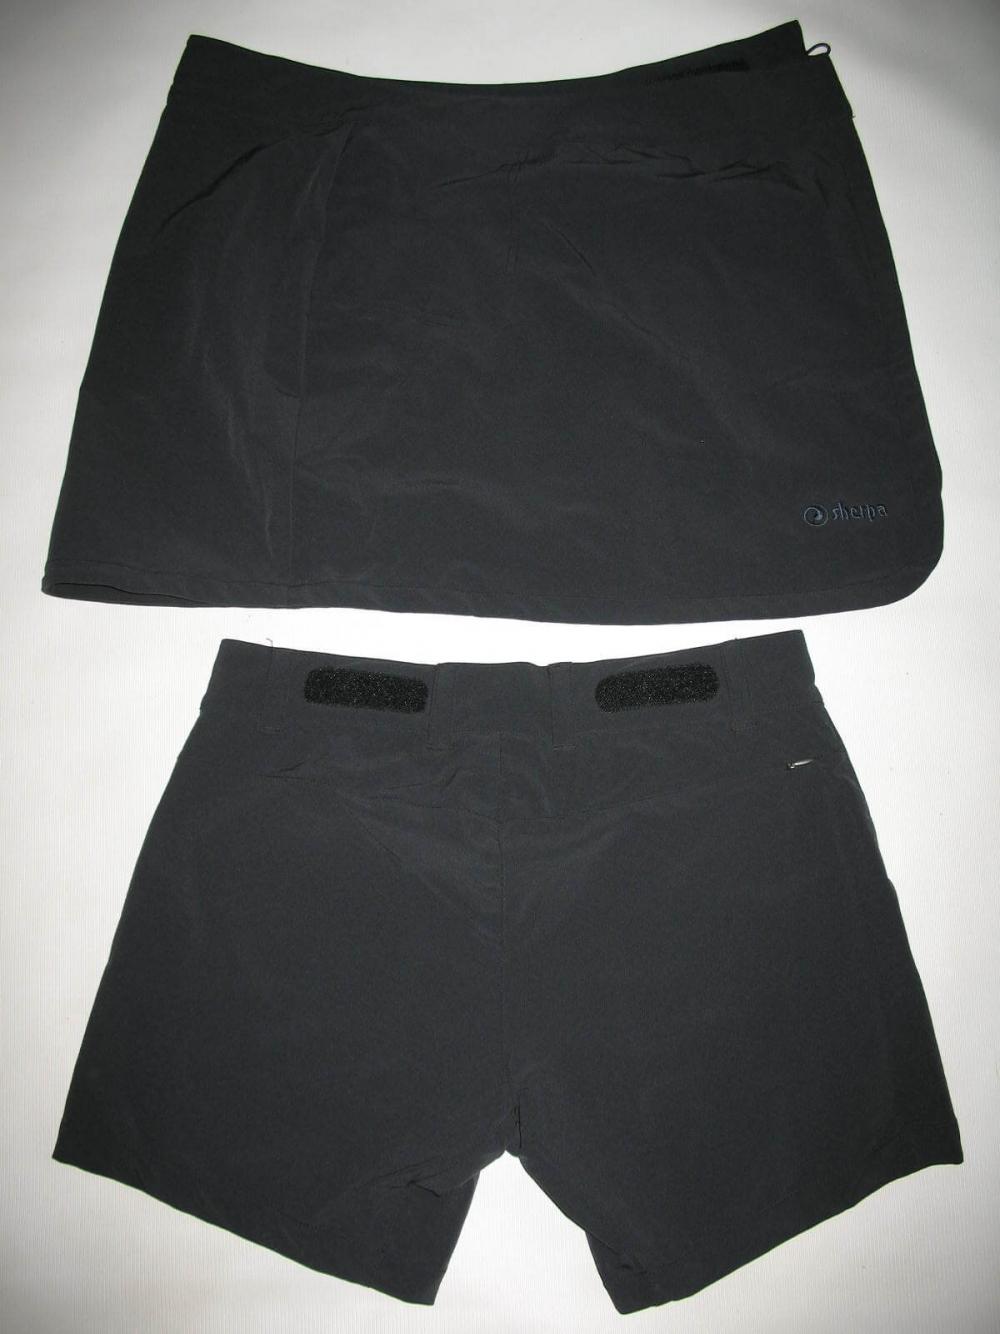 Шорты SHERPA mamta shorts-skirt lady (размер M) - 3